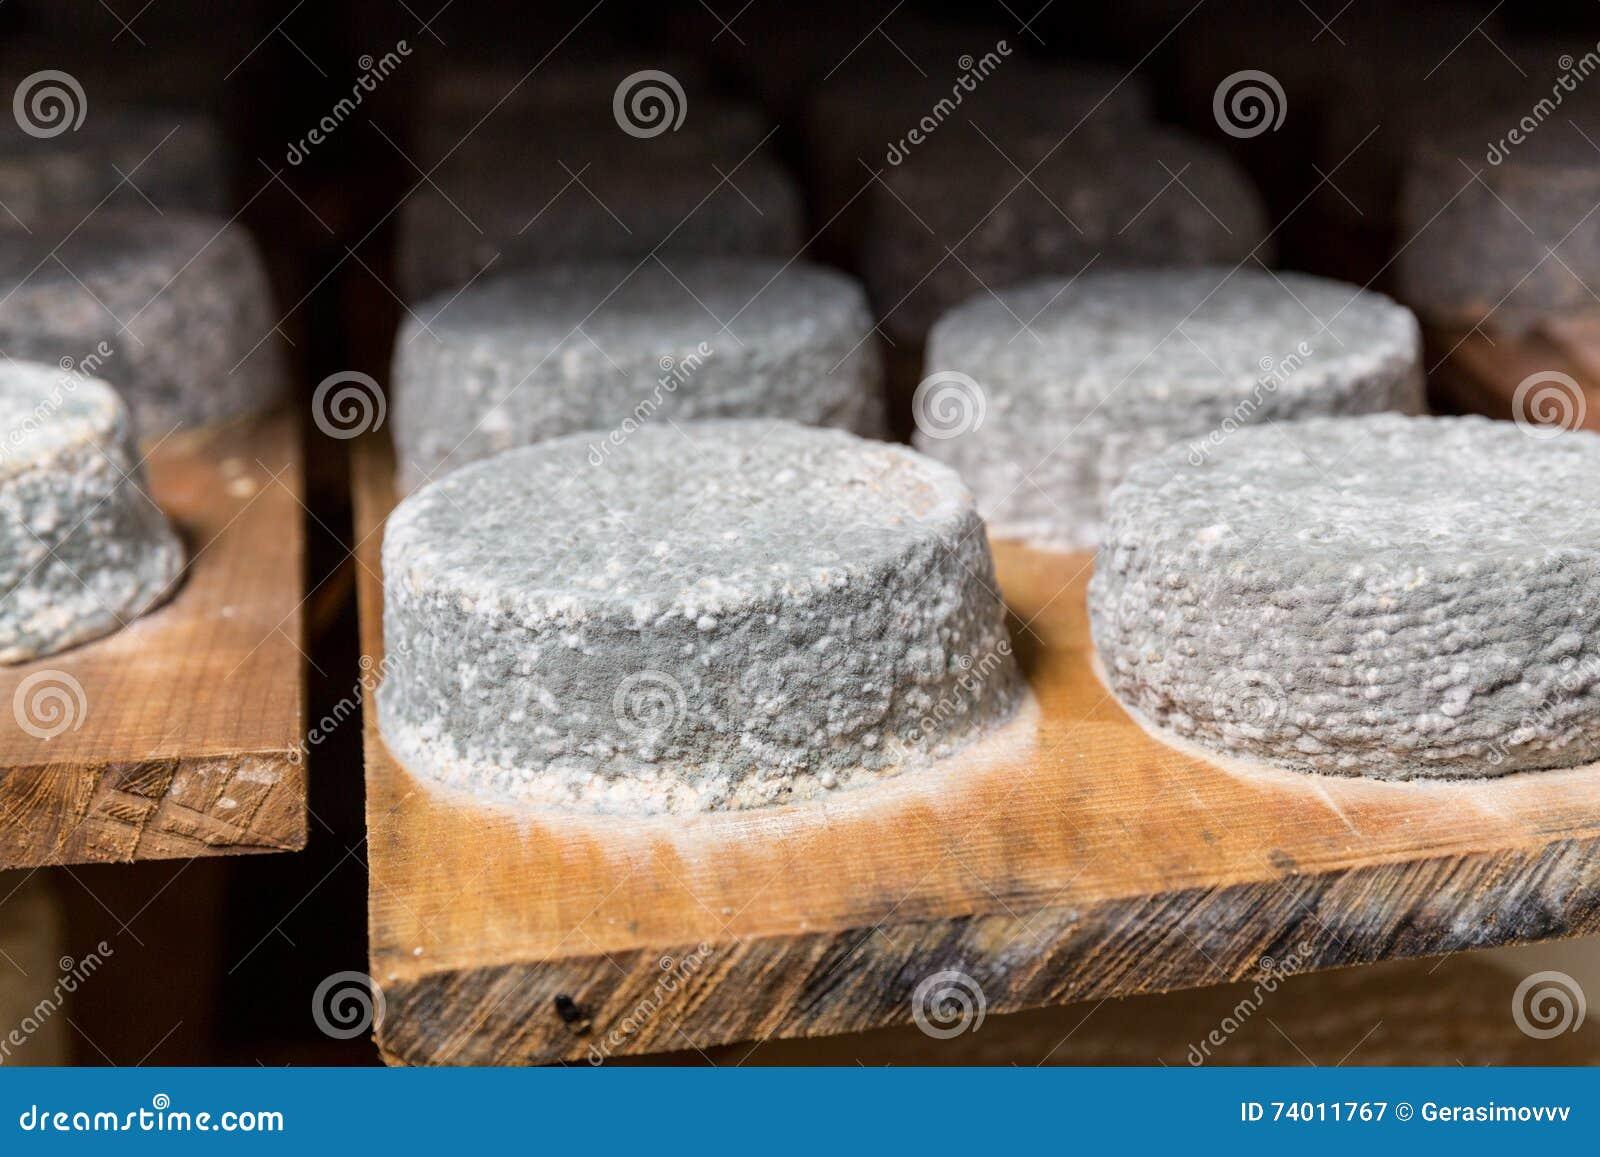 Muffa Bianca In Cantina teste di giovane formaggio di capra con una muffa blu